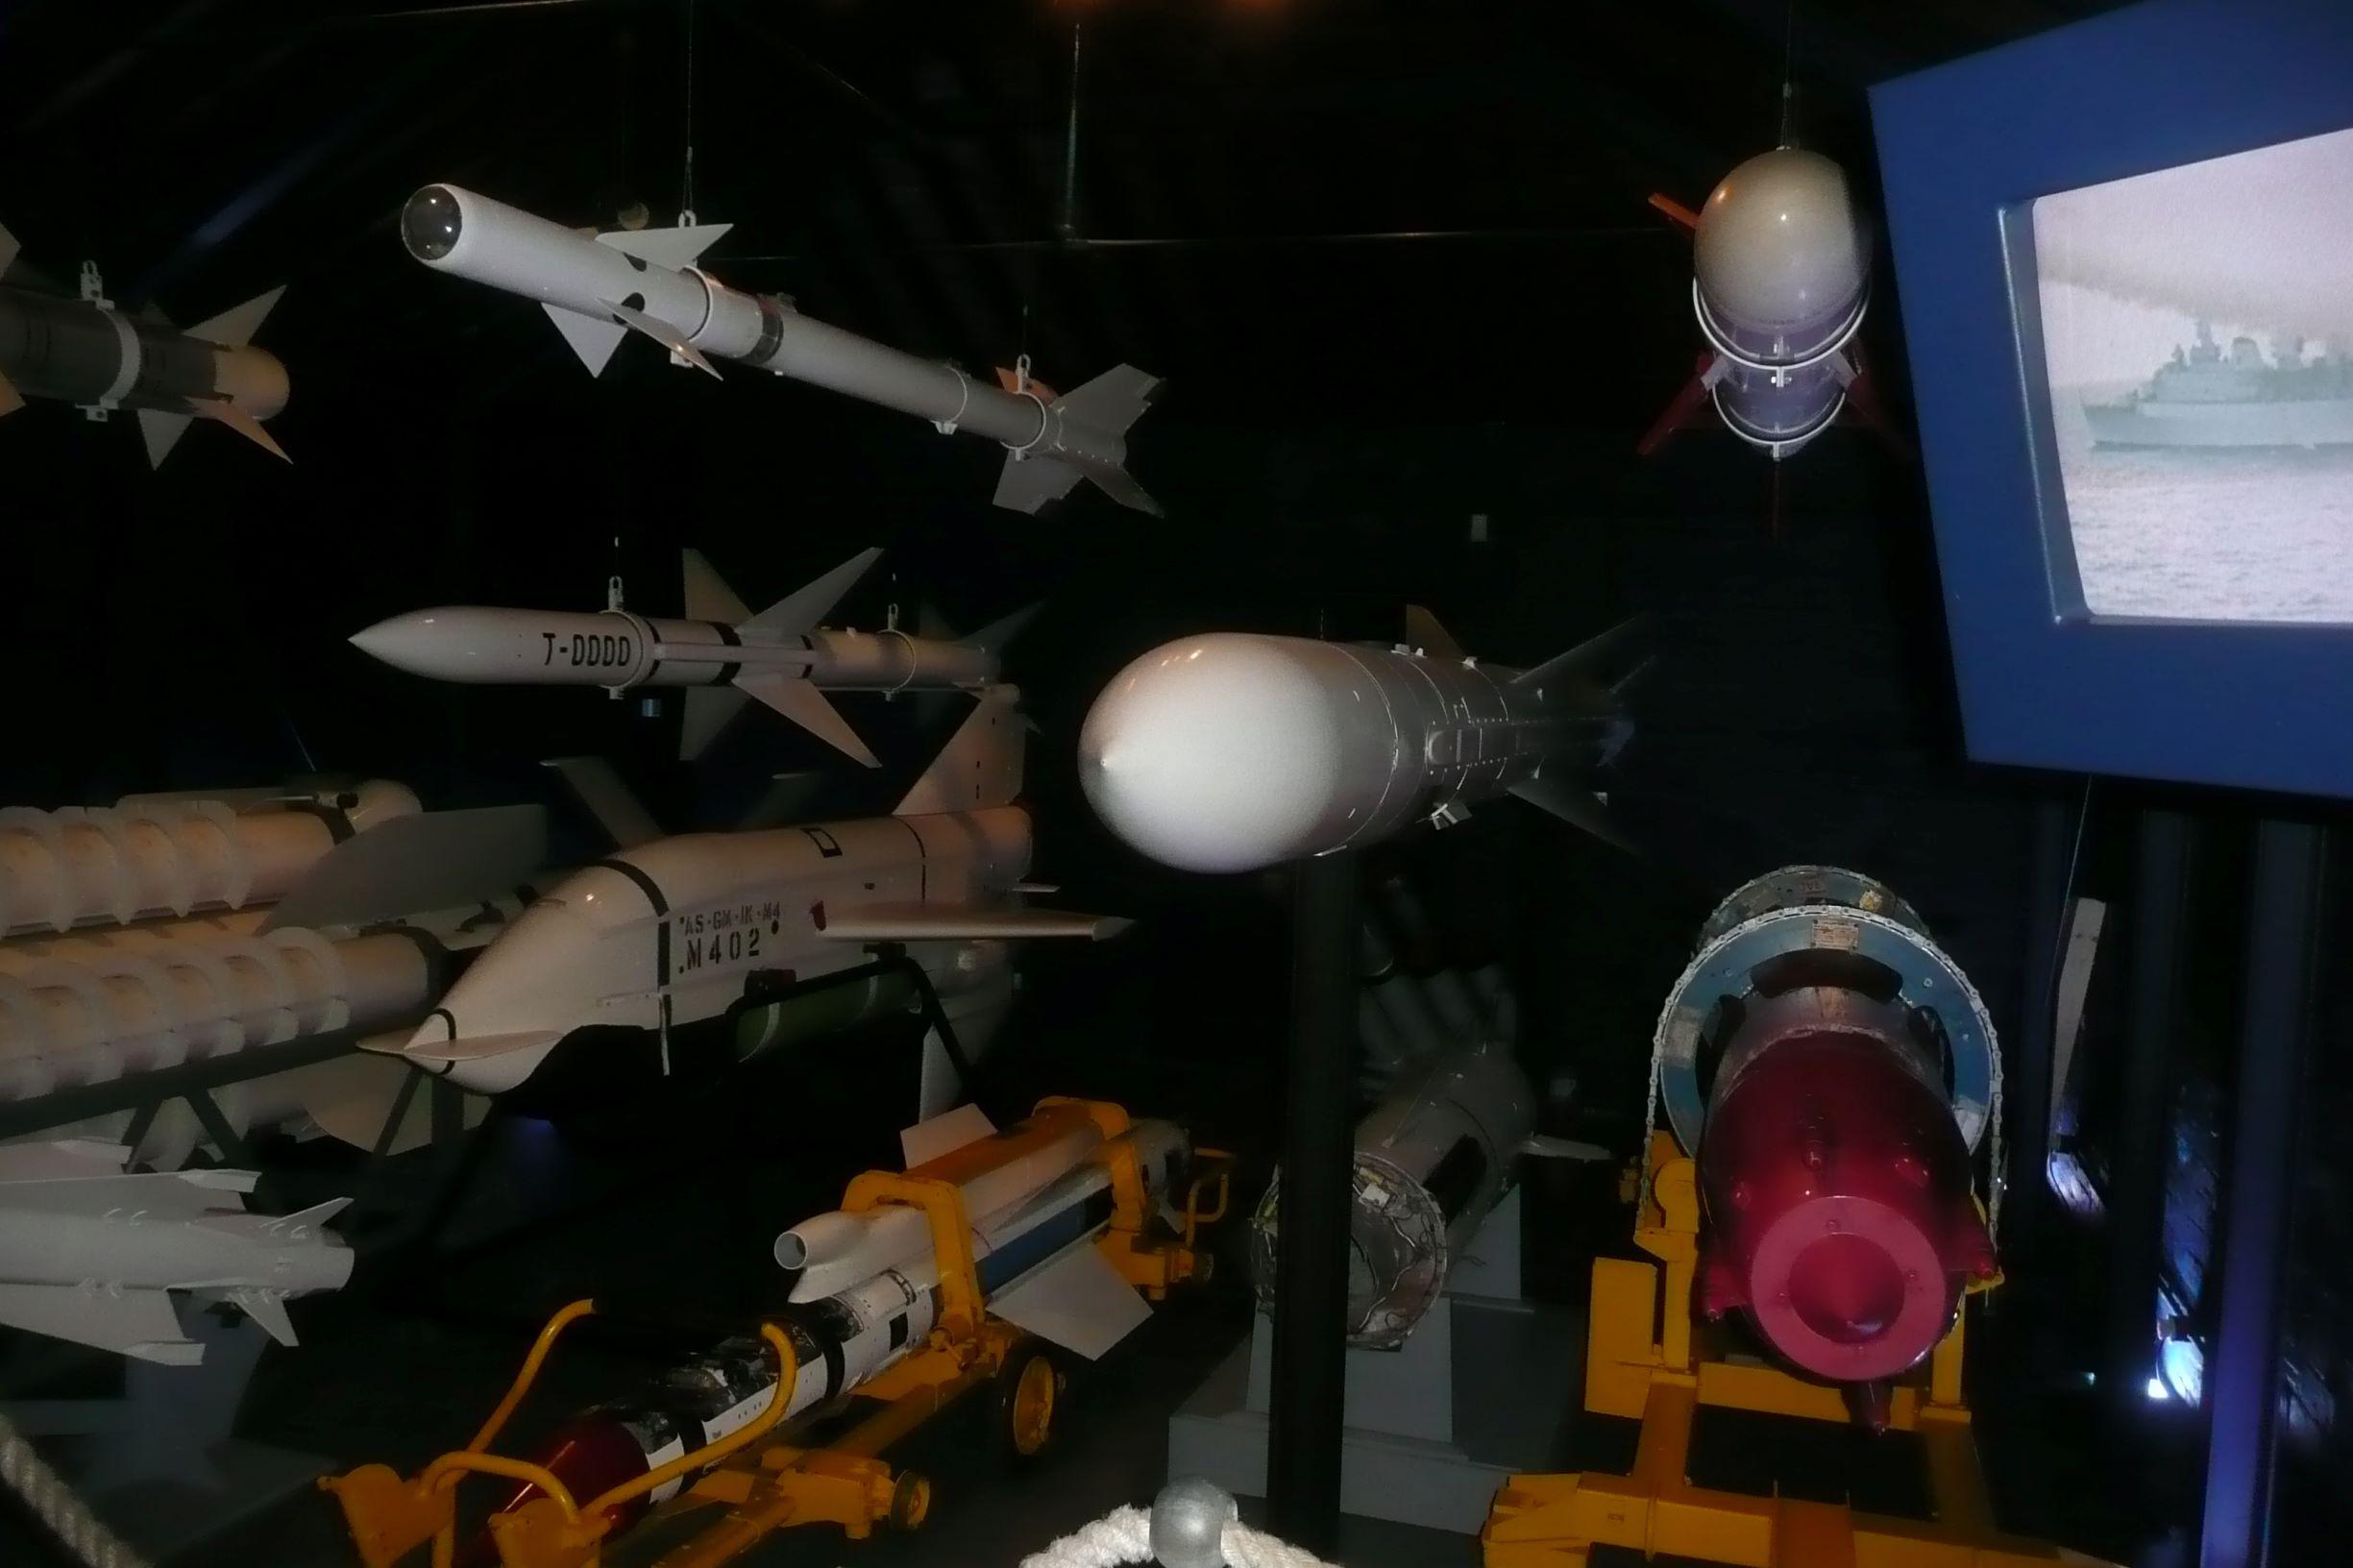 rakéták a mennyezetről lógatva:-)